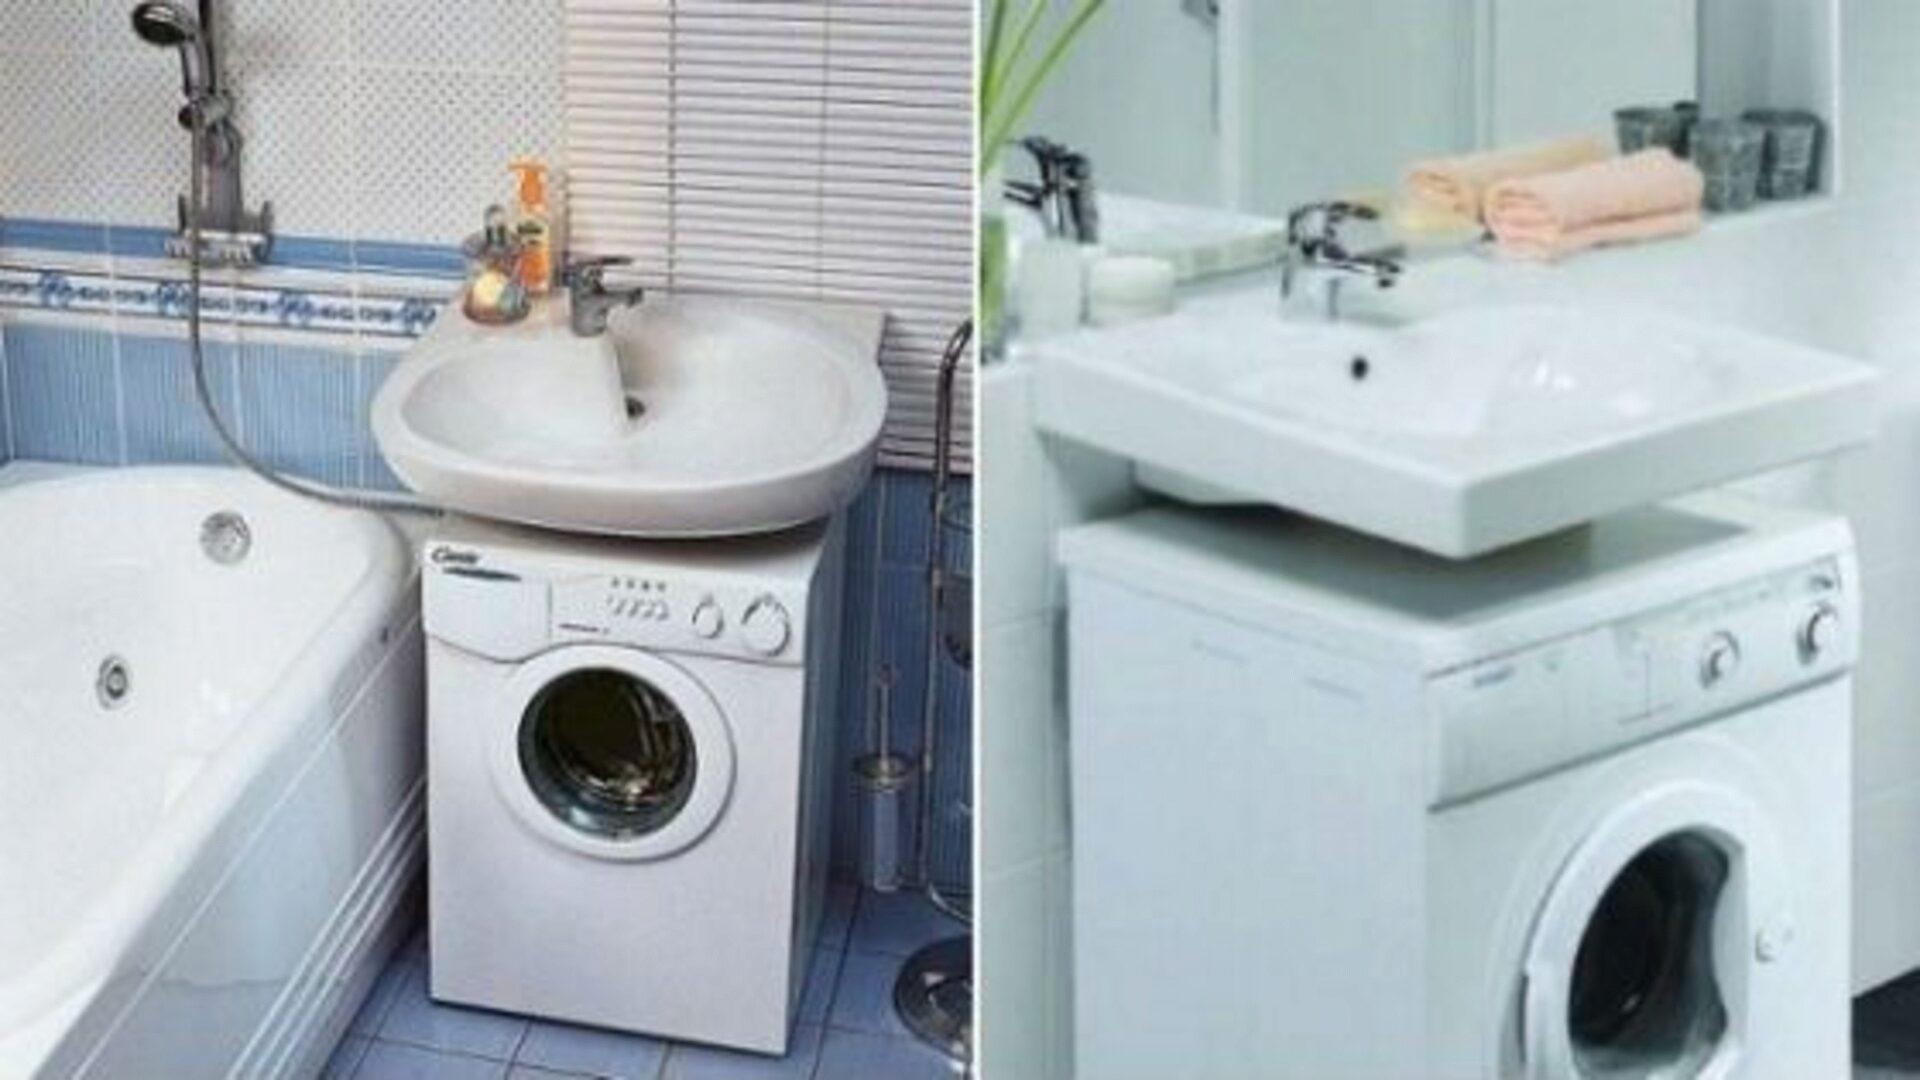 В маленькой квартире можно установить стиральную машину под раковину